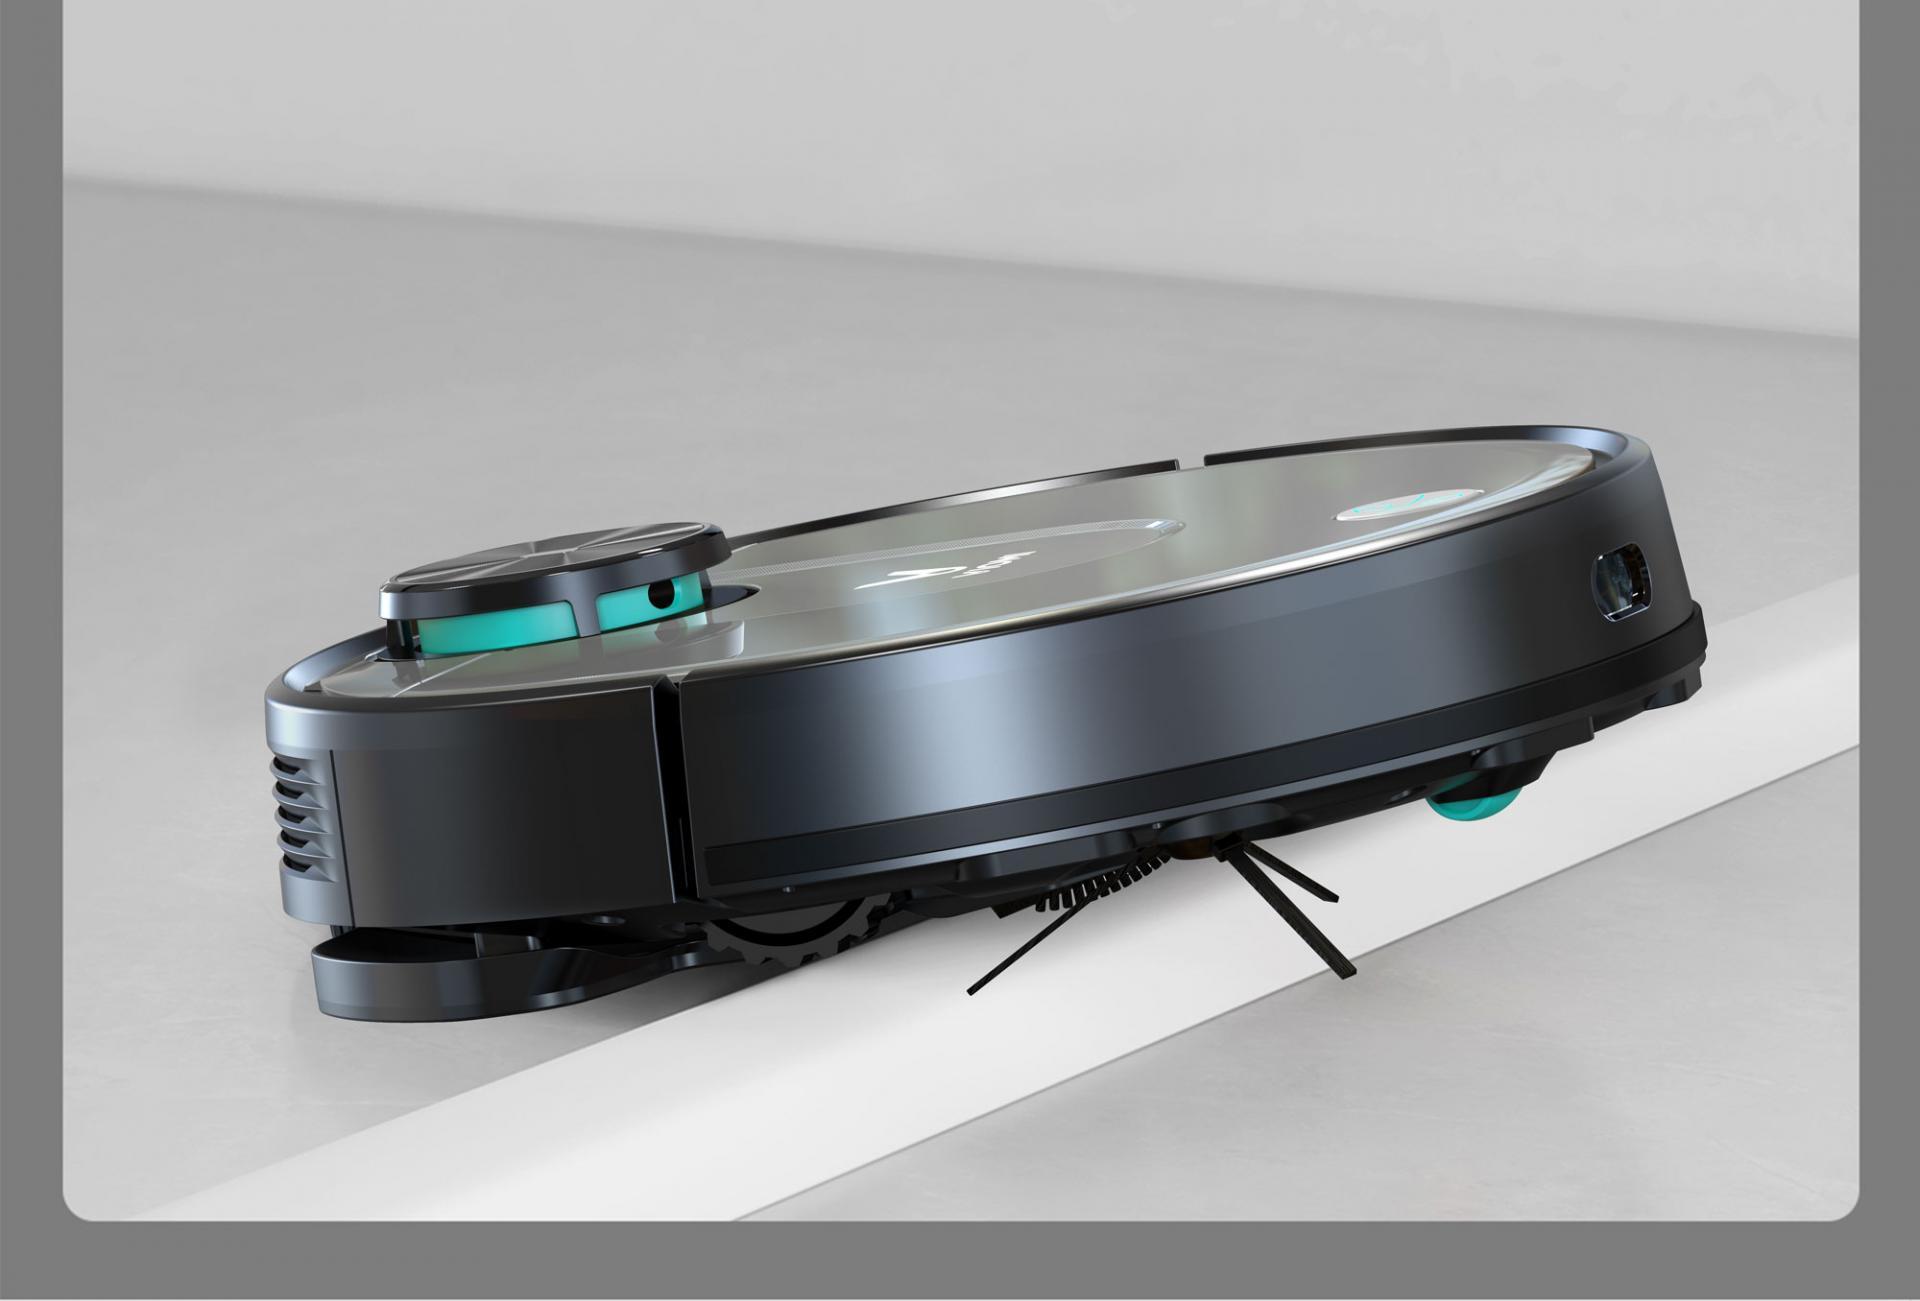 Робот-пылесос ViomiV2 Pro поступил в продажу